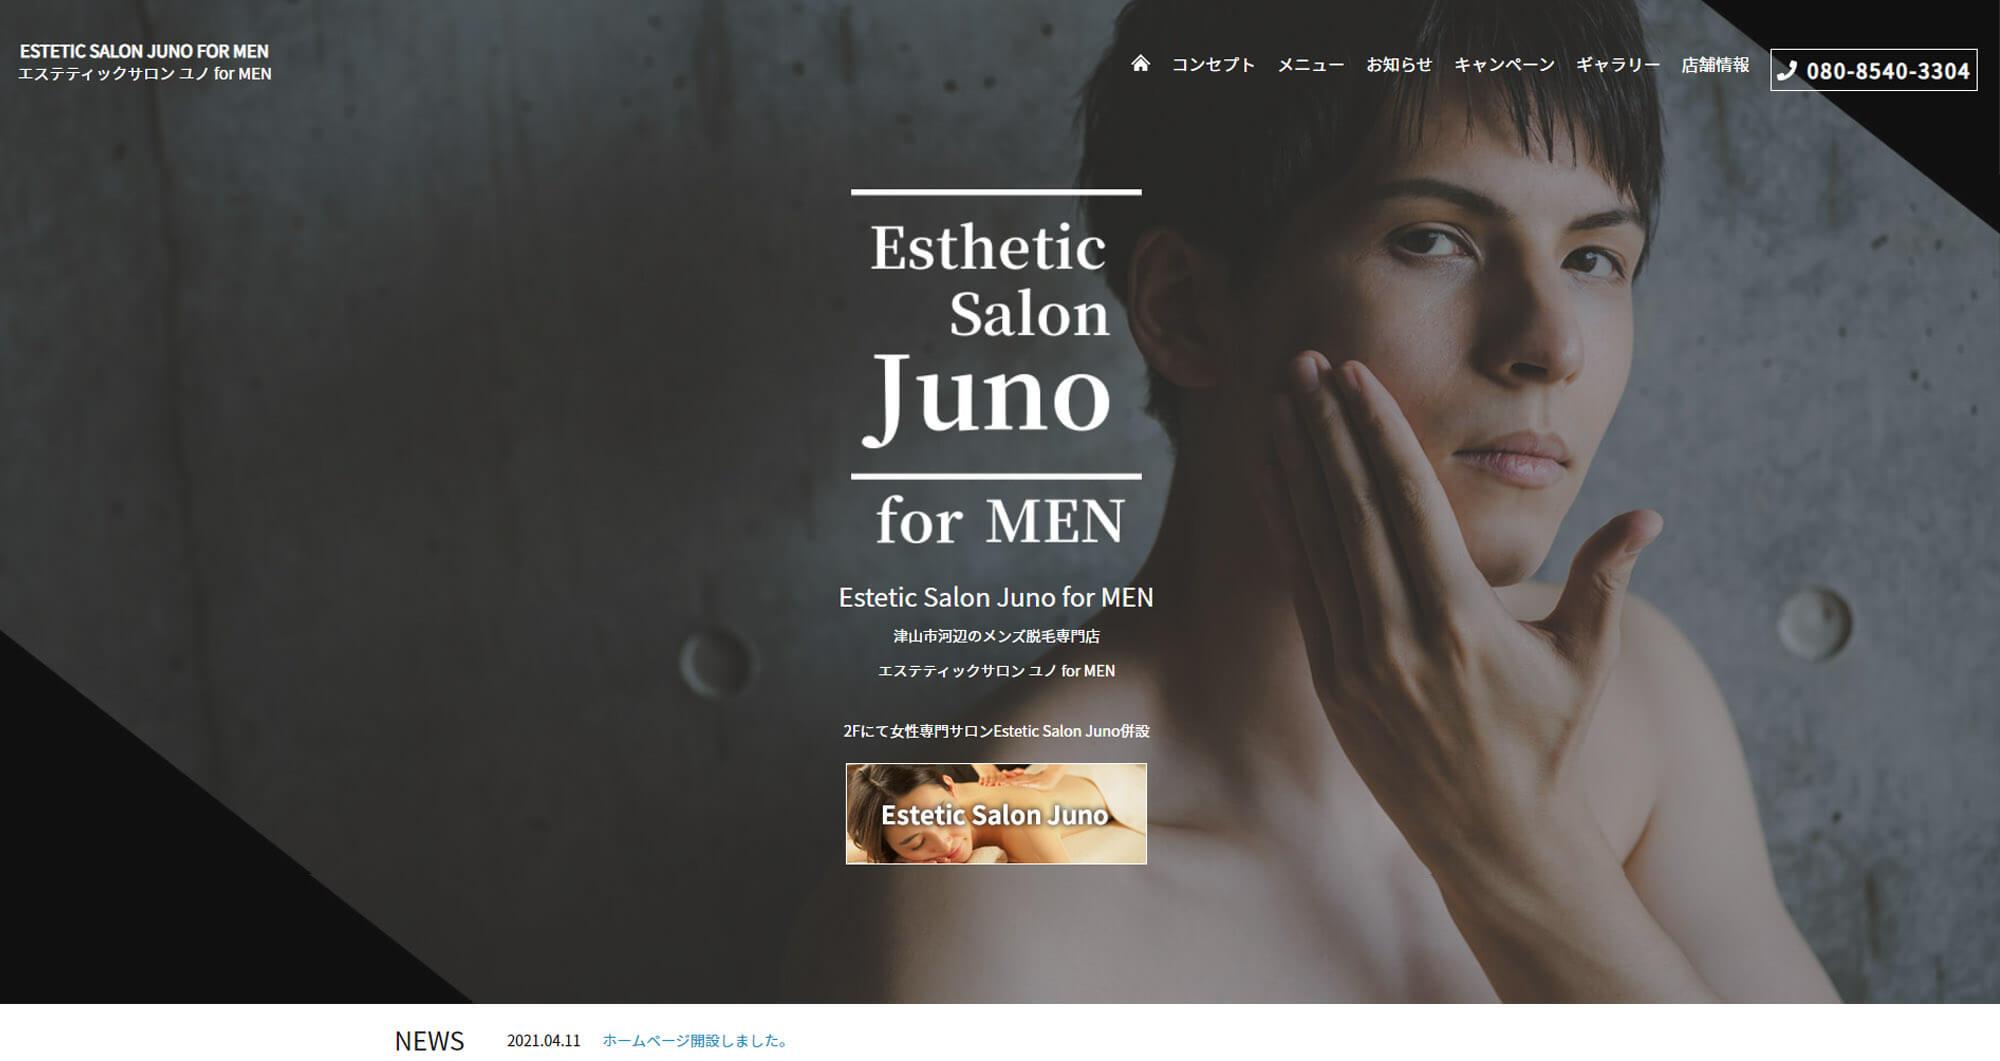 ユノfor MEN様PCトップページ